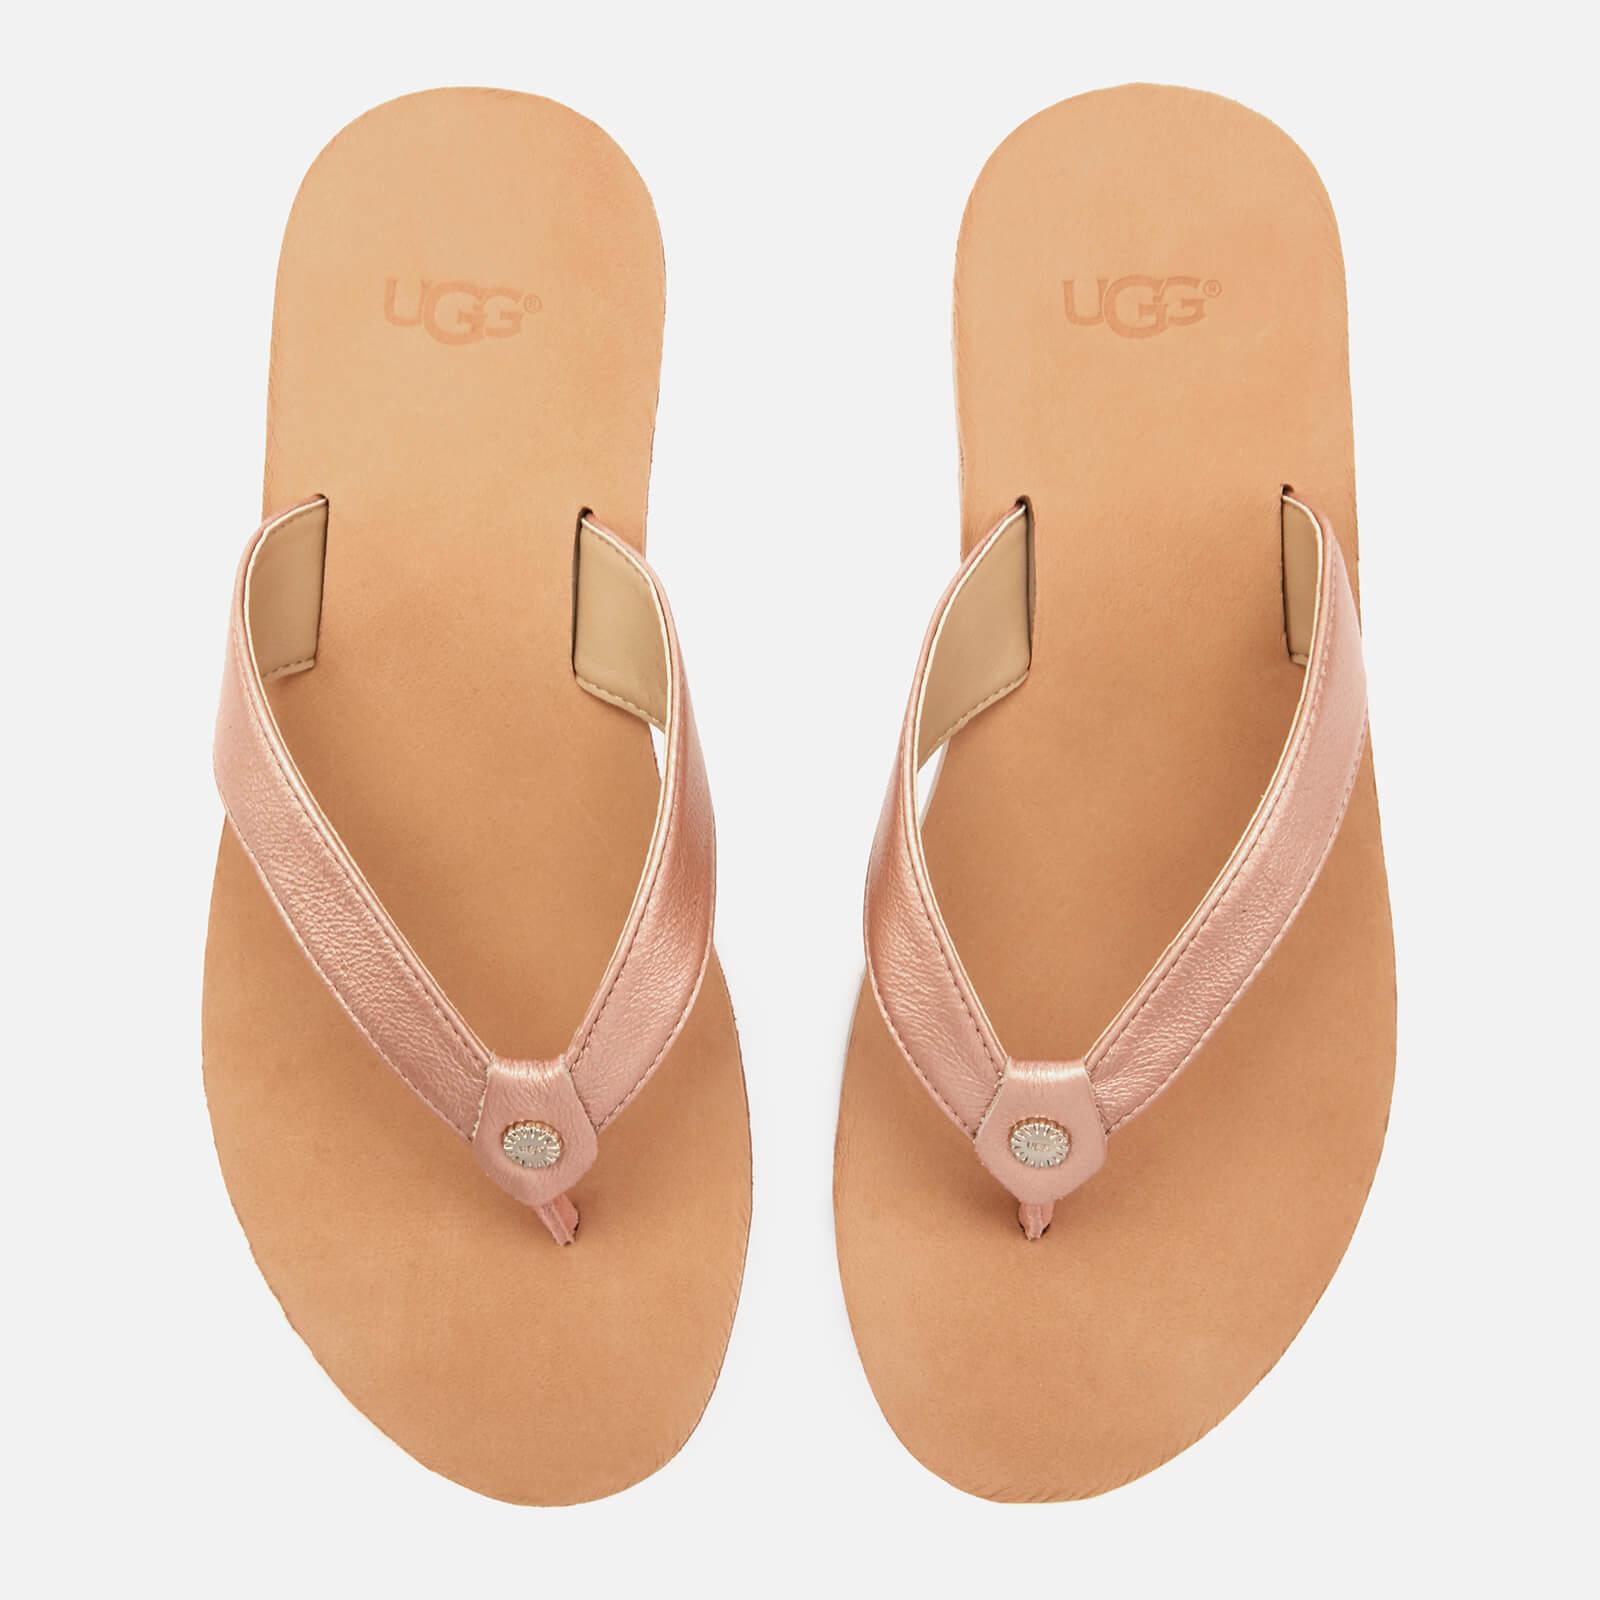 376e291c339 UGG Women's Tawney Metallic Flip Flops - Rose Gold